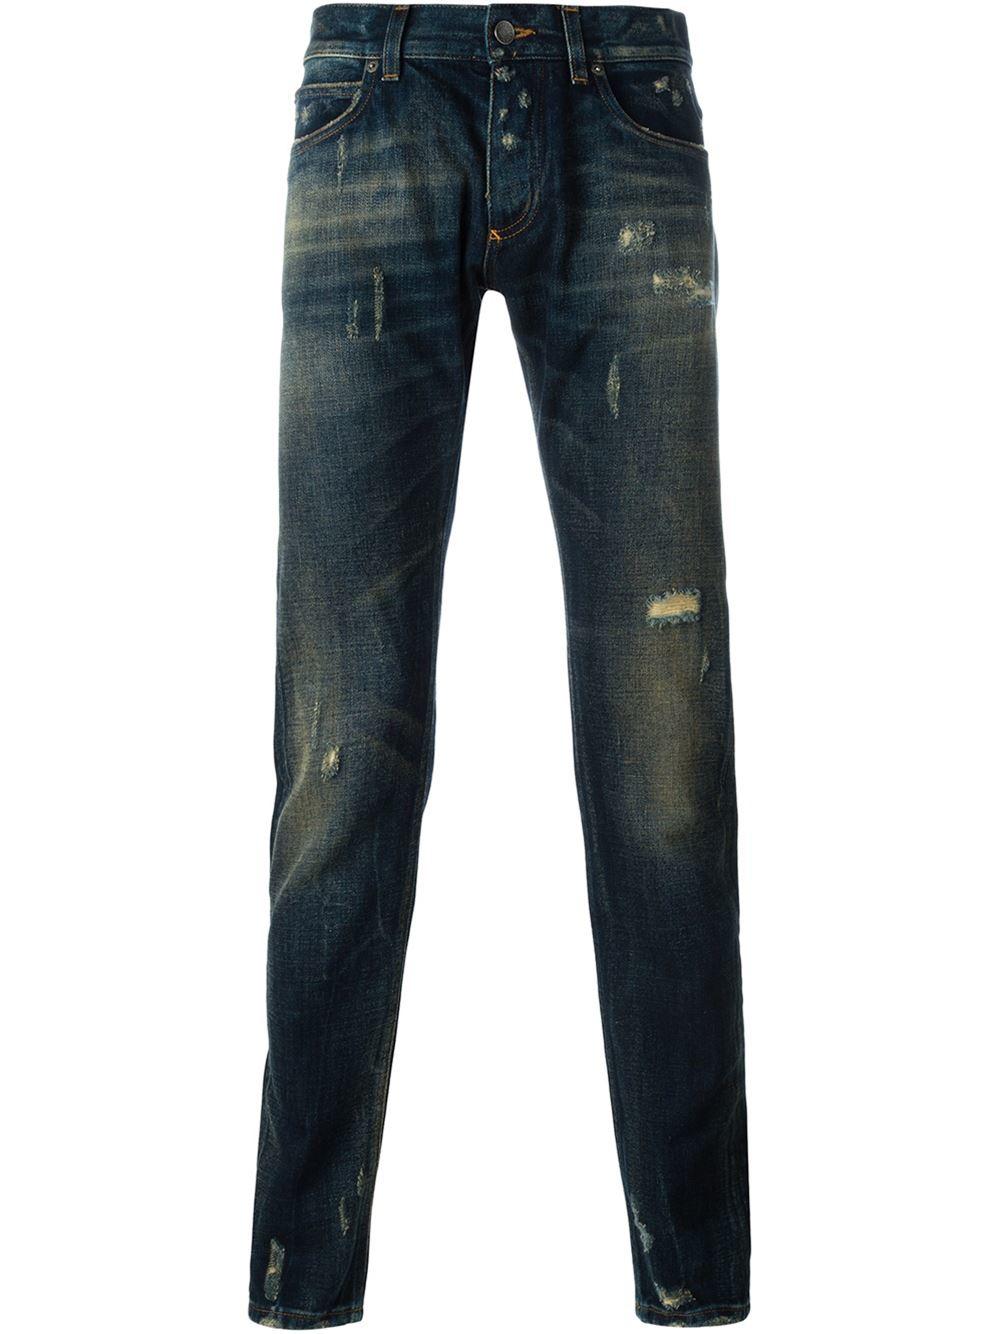 lyst dolce gabbana distressed jeans in blue for men. Black Bedroom Furniture Sets. Home Design Ideas